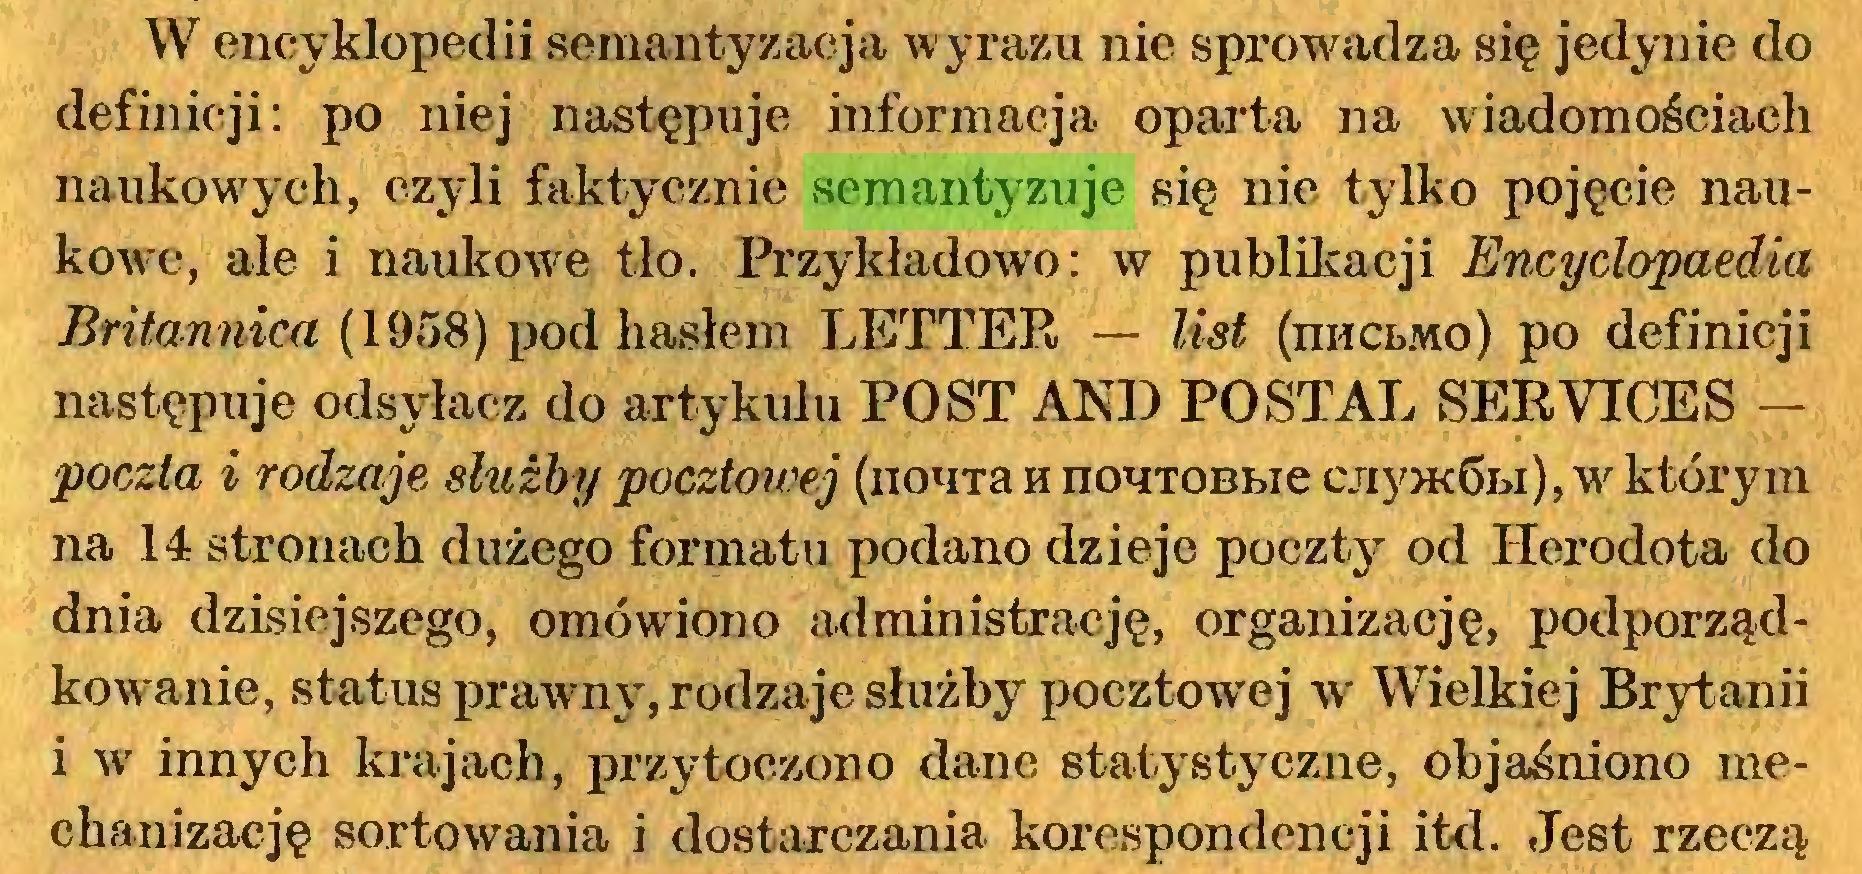 (...) W encyklopedii semantyzacja wyrazu nie sprowadza się jedynie do definicji: po niej następuje informacja oparta na wiadomościach naukowych, czyli faktycznie semantyzuje się nie tylko pojęcie naukowe, ale i naukowe tlo. Przykładowo: w publikacji Encyclopaedia Britannica (1958) pod hasłem LETTER — list (nncŁMo) po definicji następuje odsyłacz do artykułu POST AND POSTAL SERVICES — poczta i rodzaje służby pocztowej (nouTa h nouTOBbie cjiy>K6bi), w którym na 14 stronach dużego formatu podano dzieje poczty od Herodota do dnia dzisiejszego, omówiono administrację, organizację, podporządkowanie, status prawmy, rodzaje służby pocztowej w Wielkiej Brytanii i w innych krajach, przytoczono dane statystyczne, objaśniono mechanizację sortowania i dostarczania korespondencji itd. Jest rzeczą...